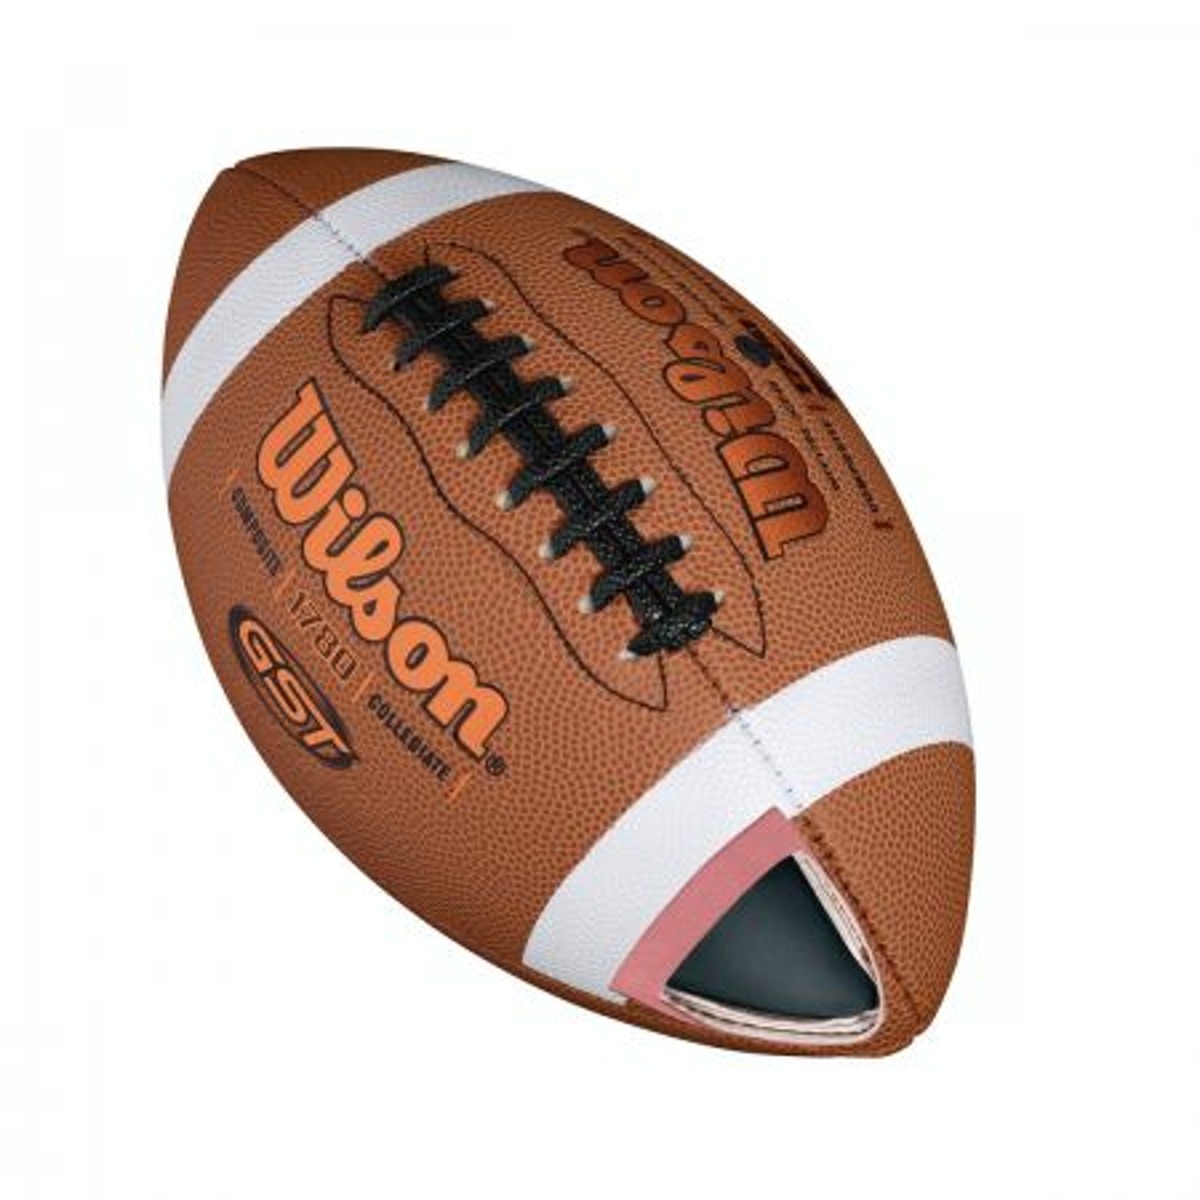 Wilson Gst Composite lopta za američki fudbal